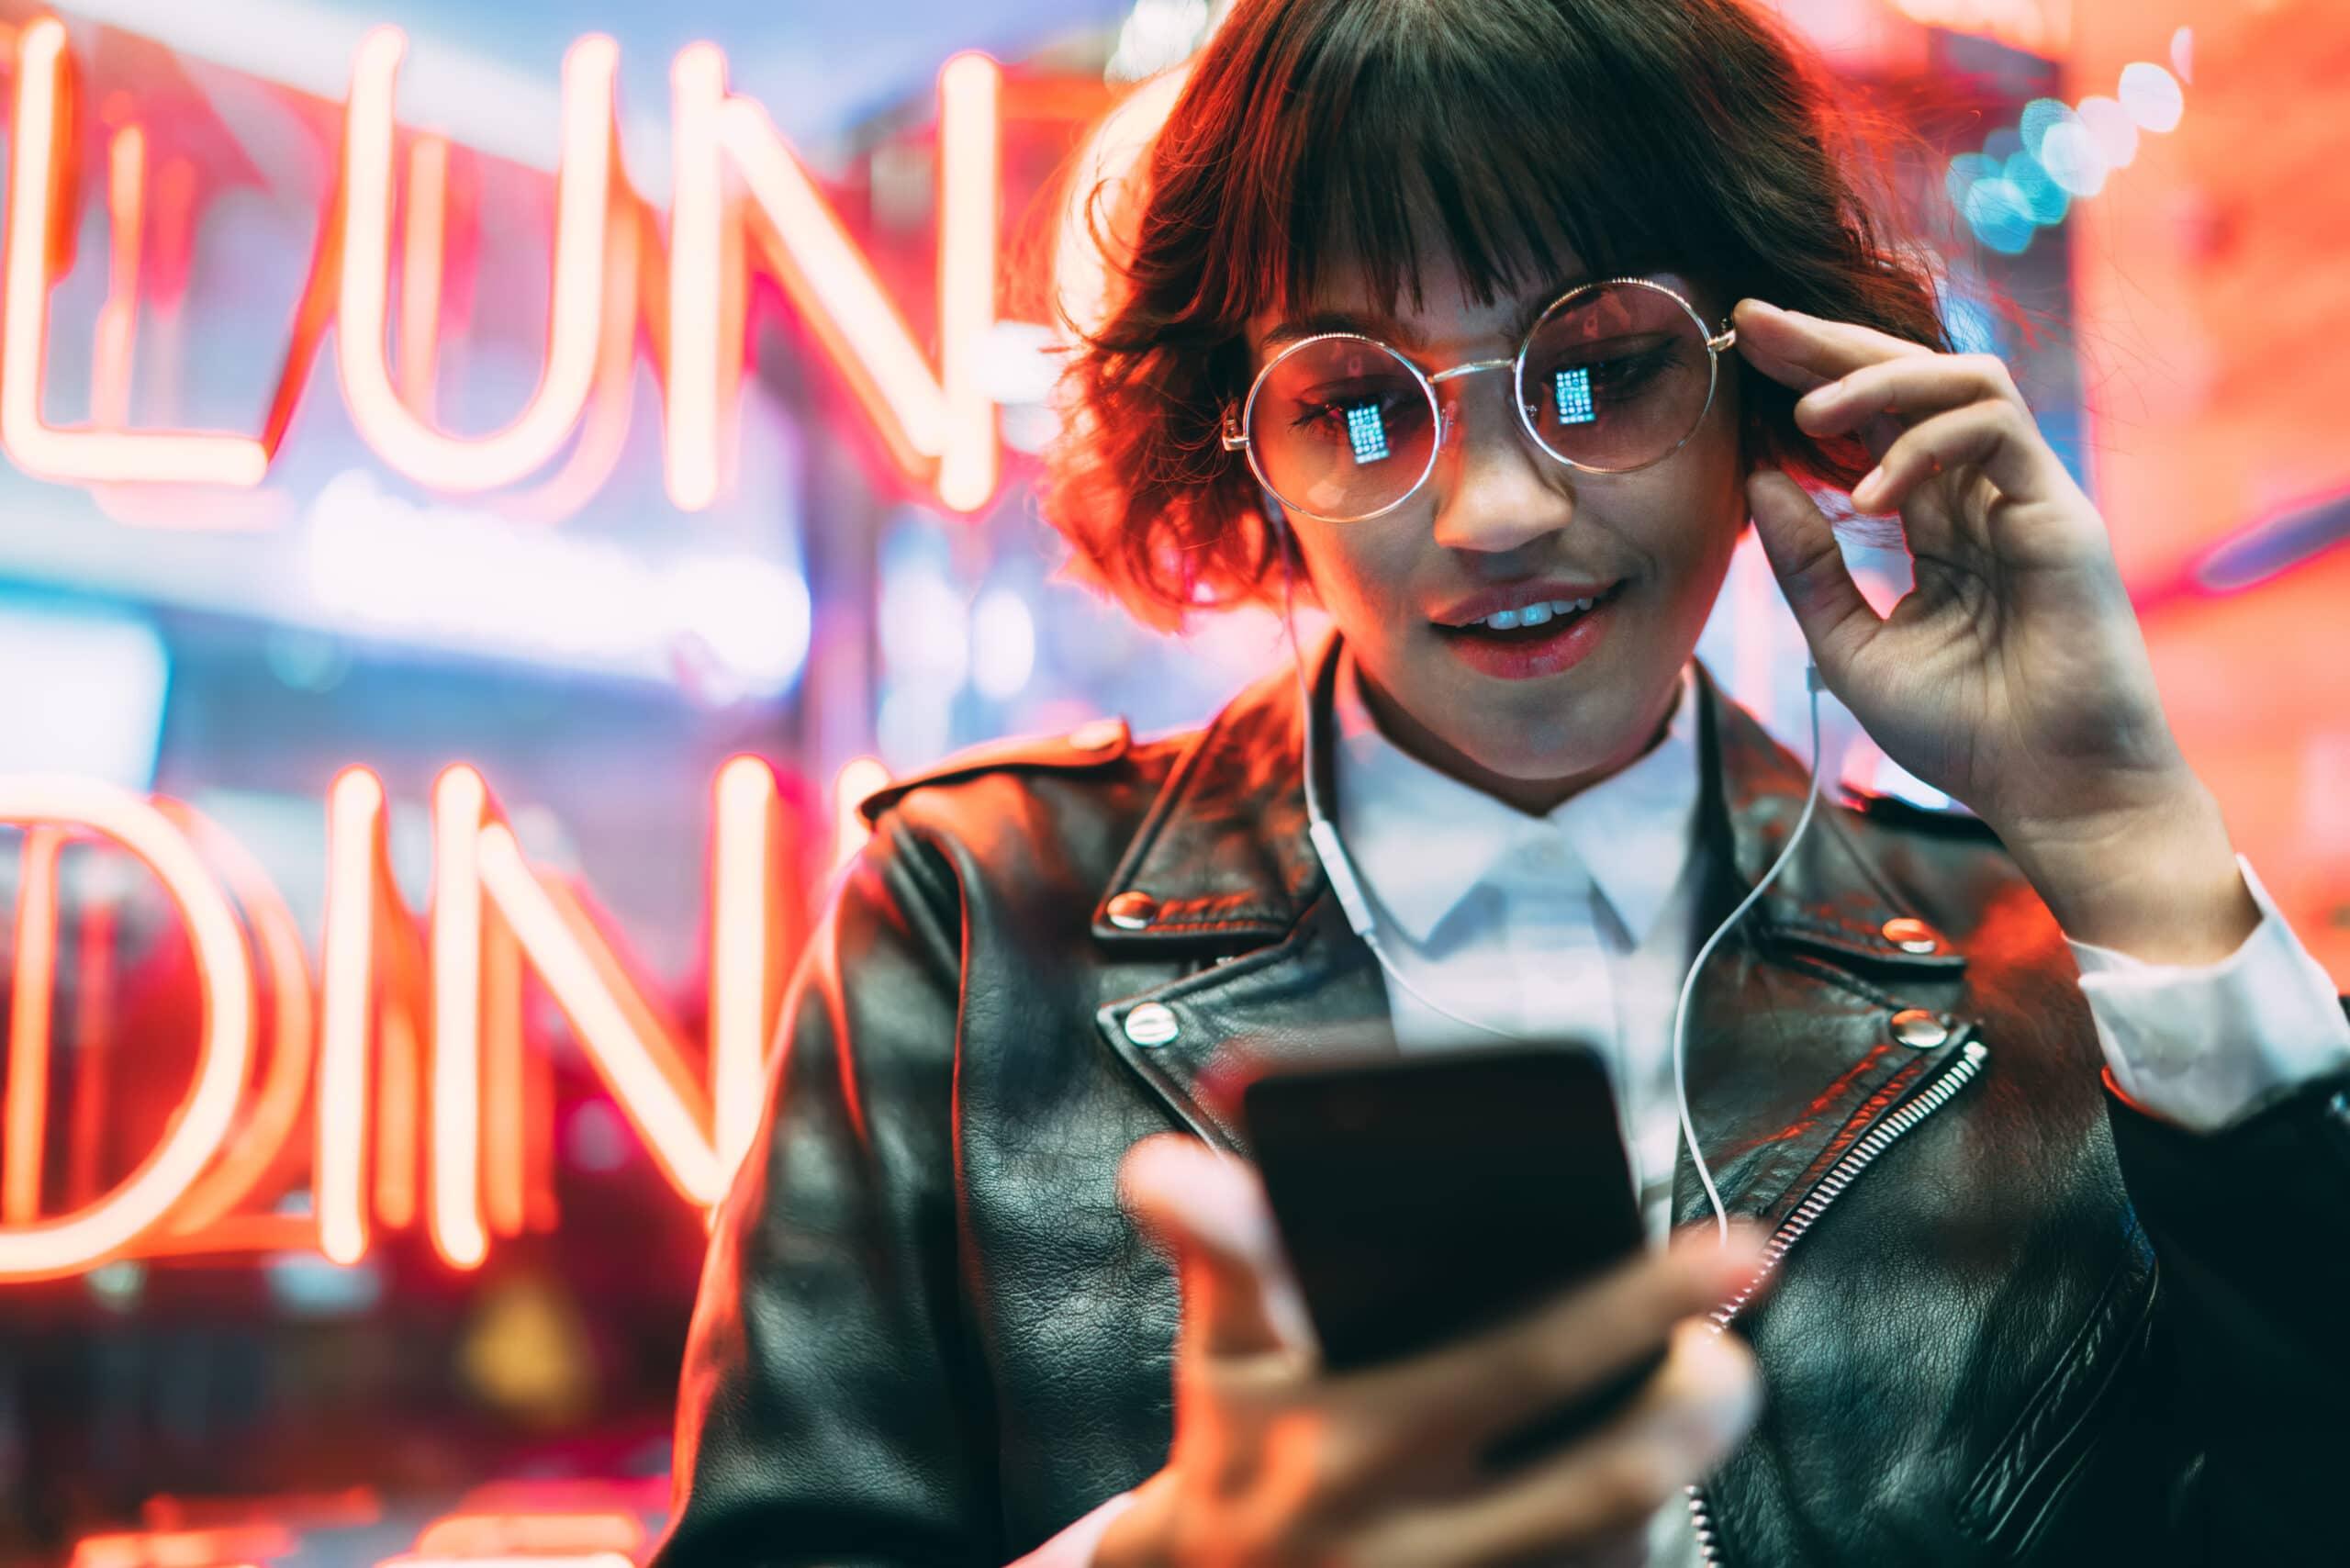 TikTok-markkinointi. Tyttö katsoo puhelinta.